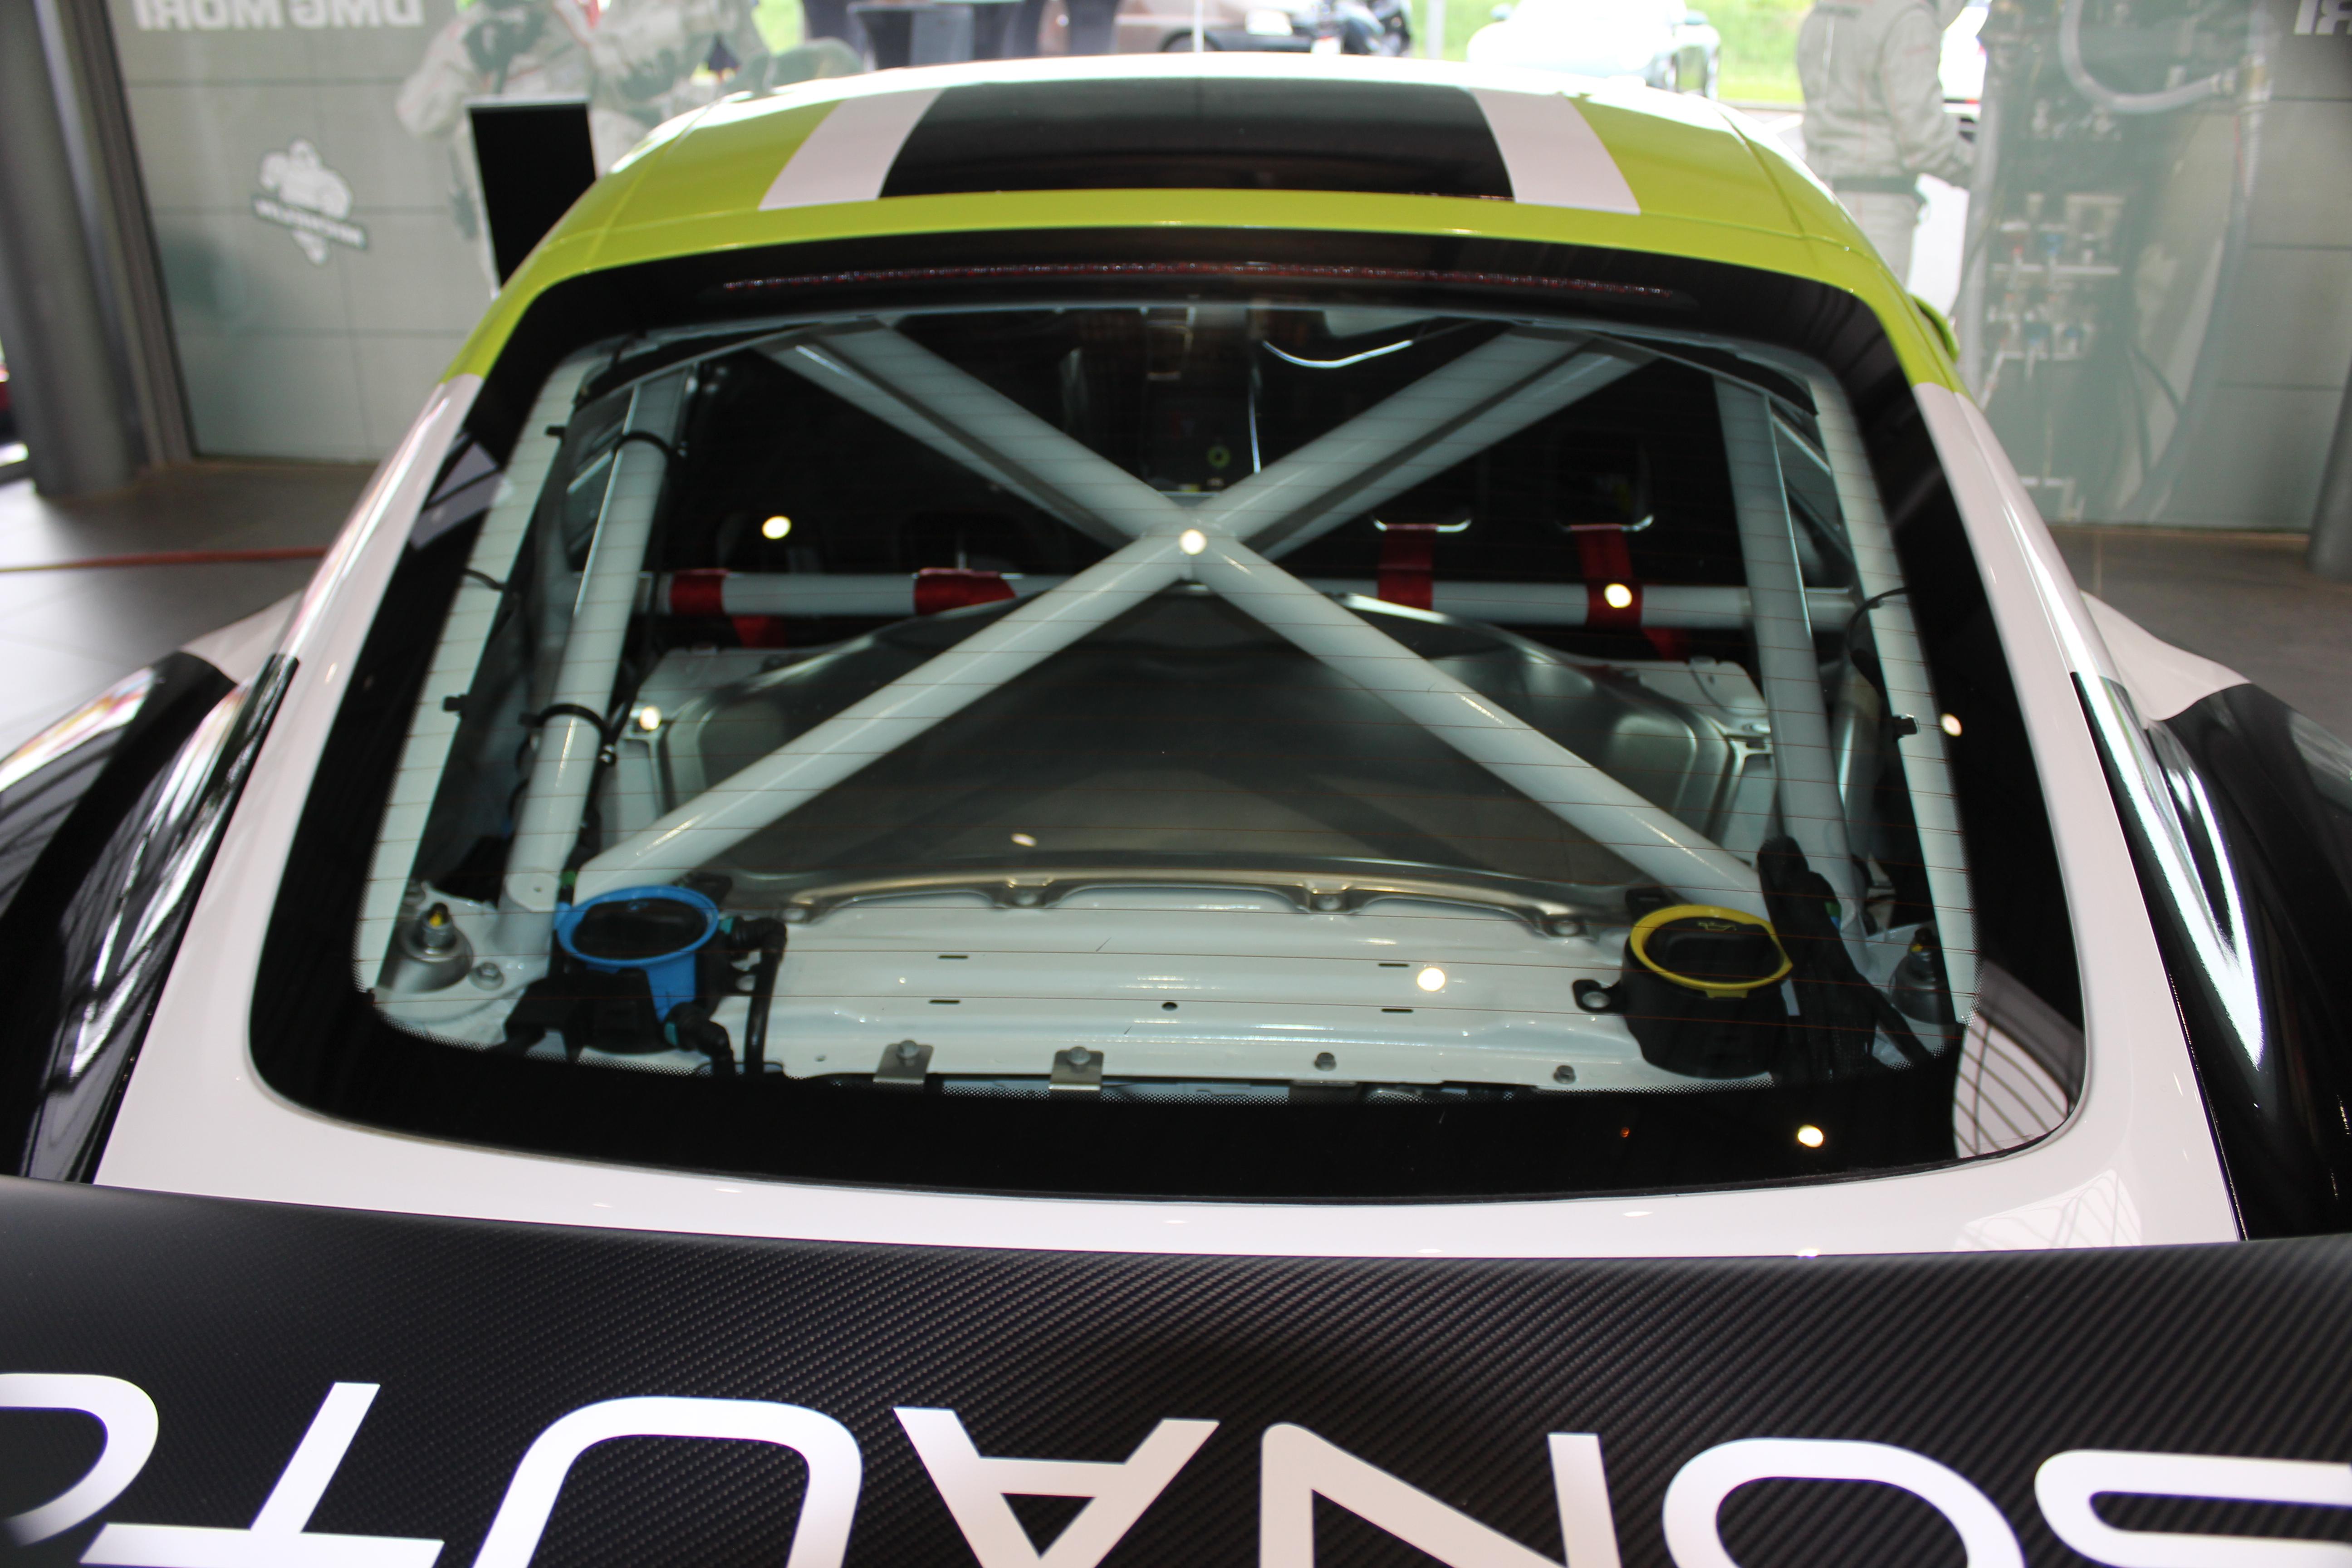 70 Ans Centre Porsche ROISSY Sonauto Img_6638